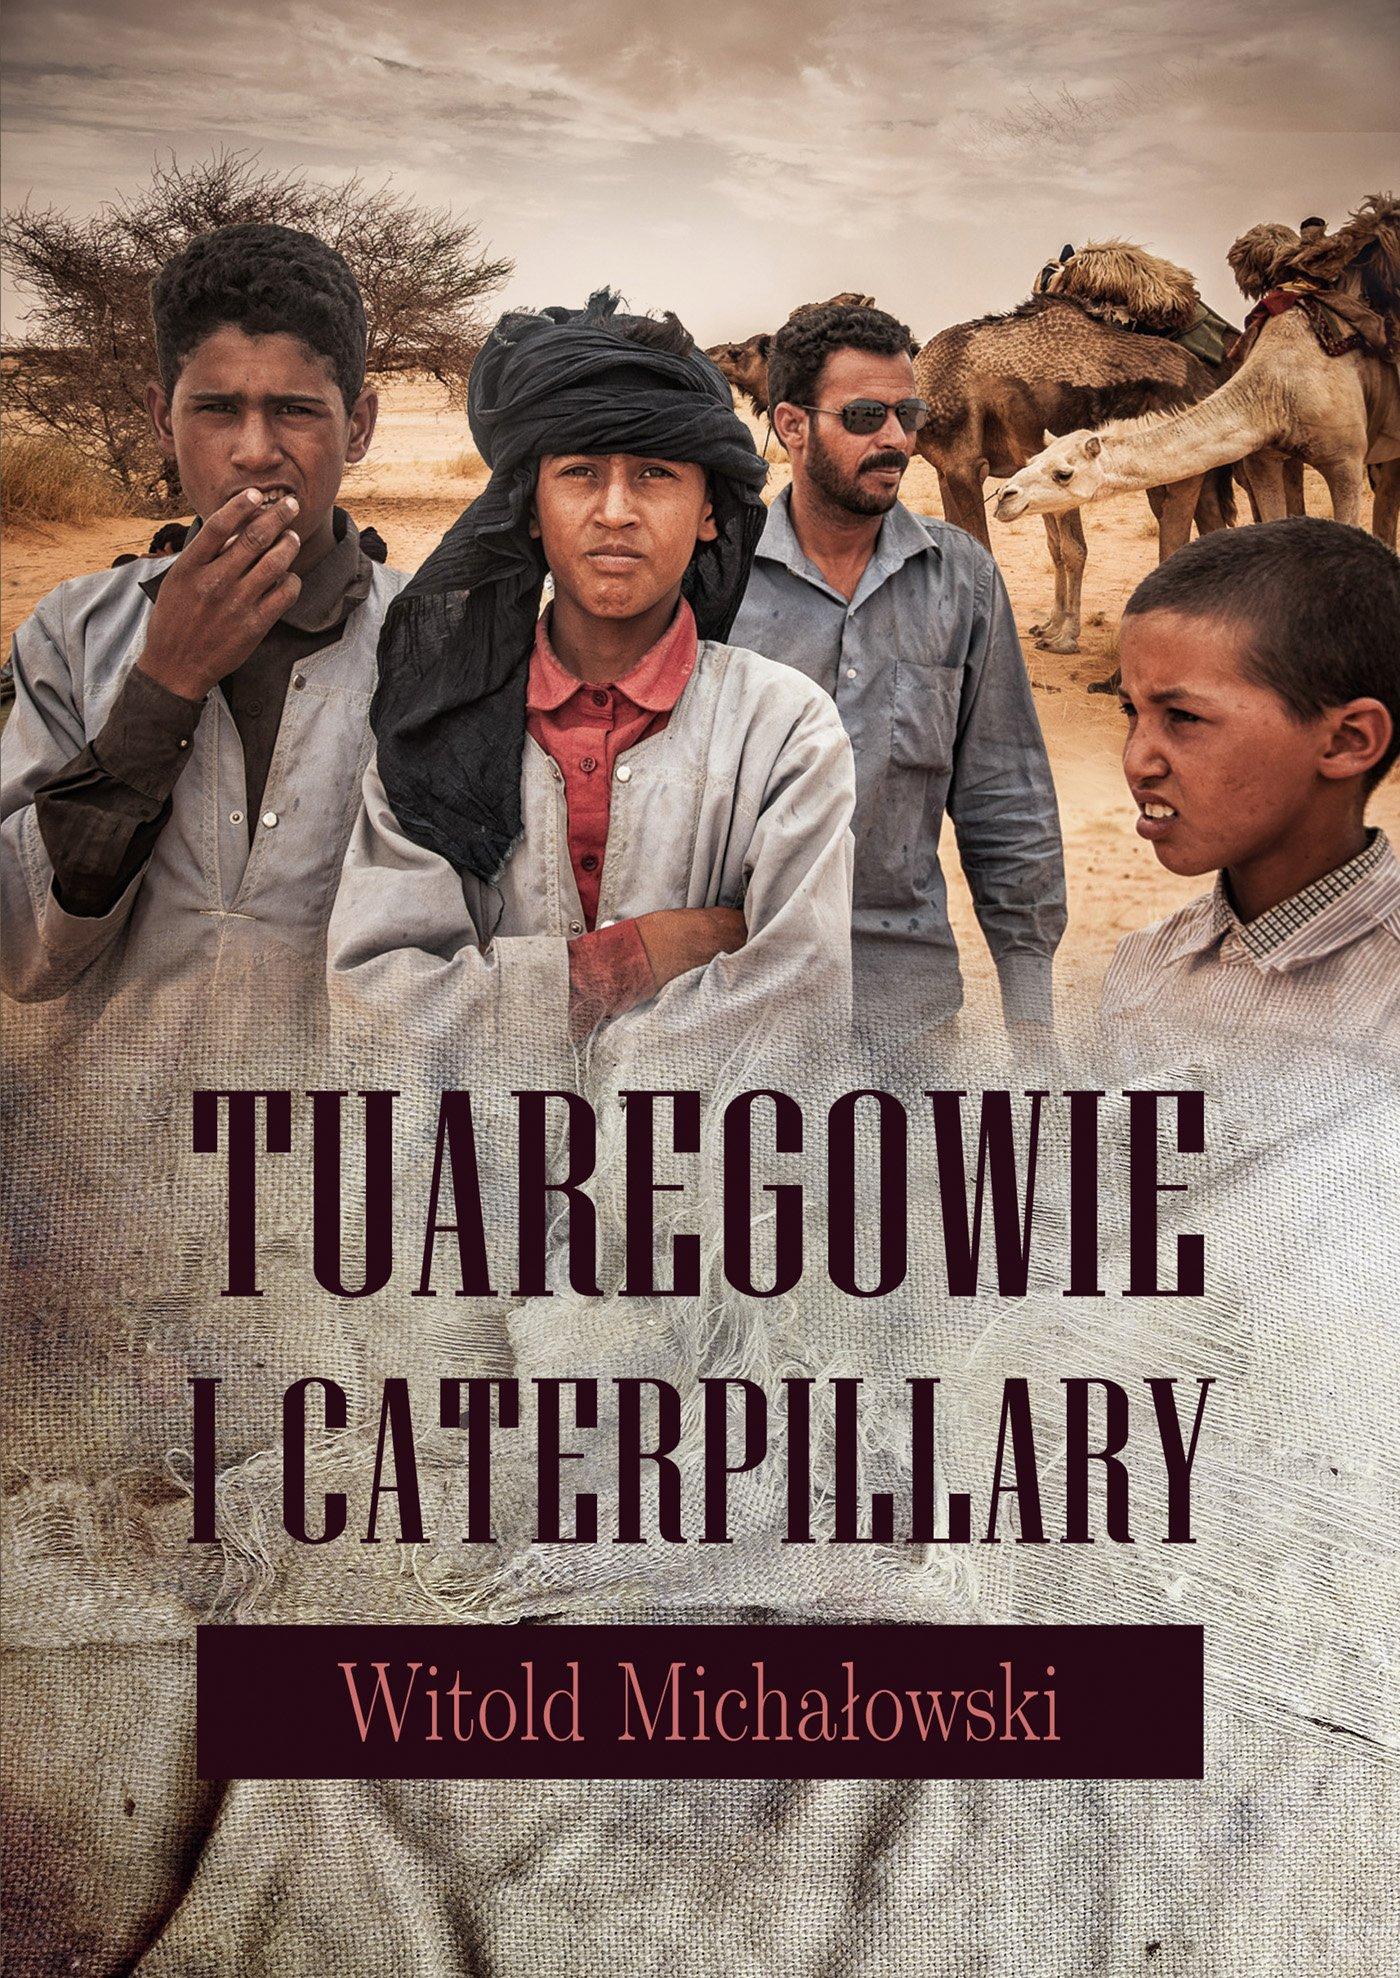 Tuaregowie i caterpillary - Ebook (Książka na Kindle) do pobrania w formacie MOBI